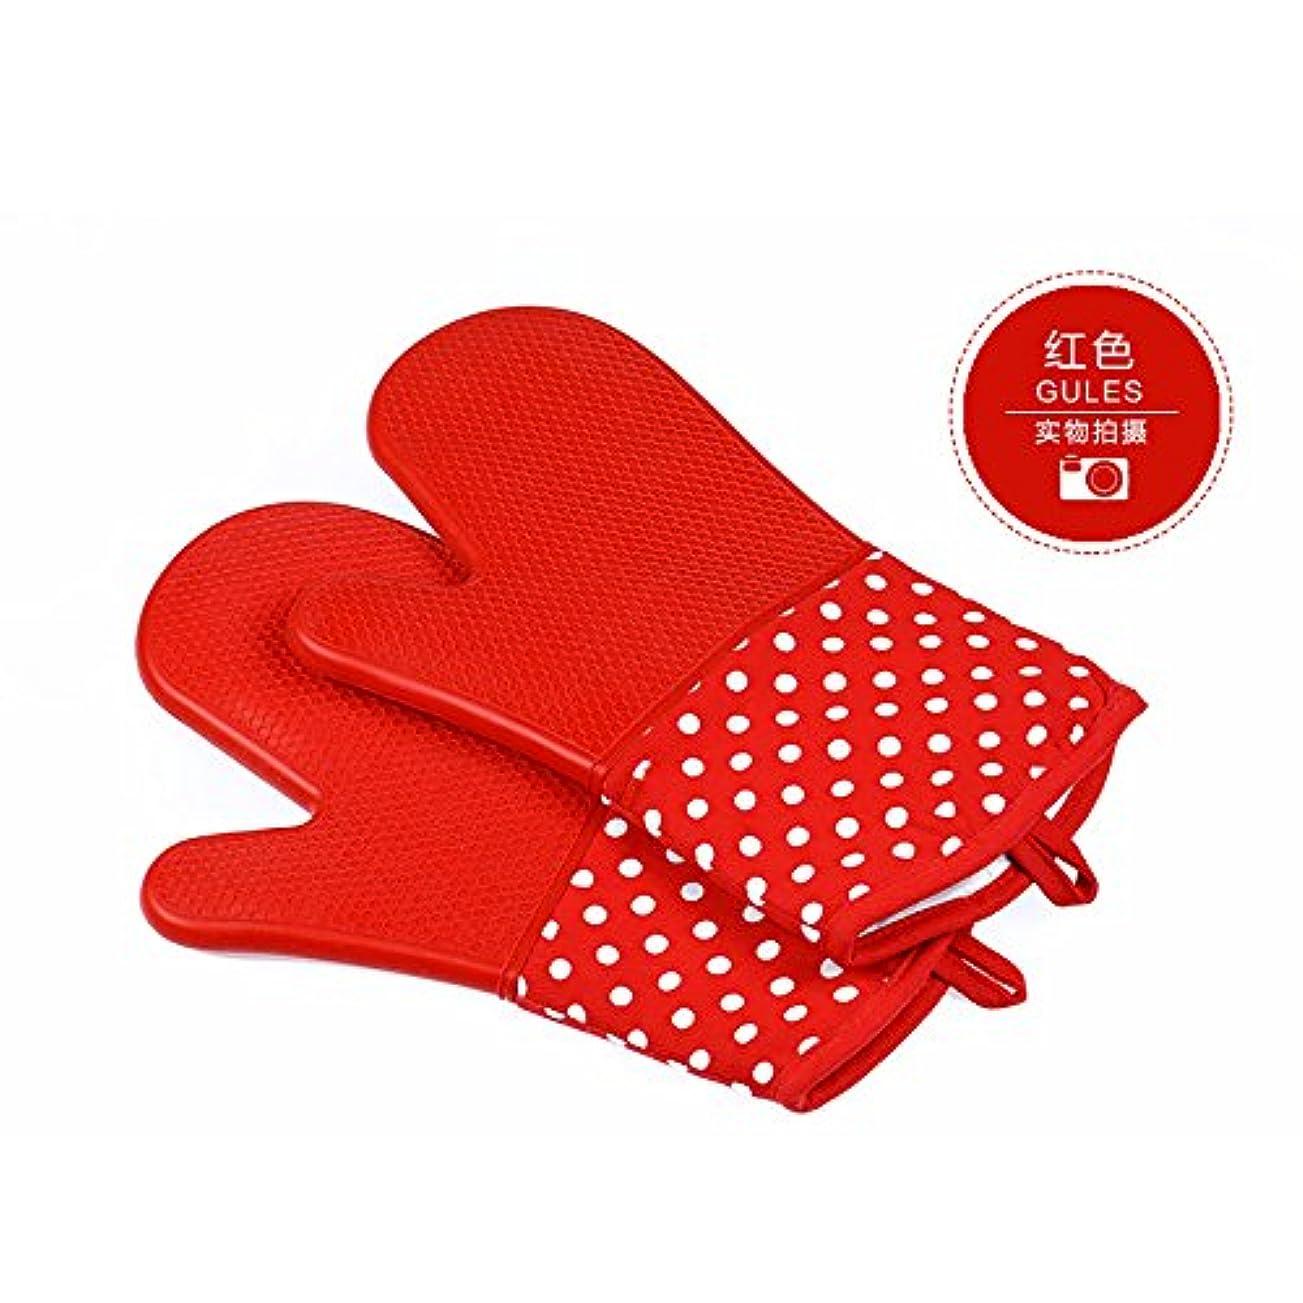 軽ペチュランス岸JOOP【2個セット】【シリコンベーキング手袋】【バーベキュー手袋】【キッチン電子レンジの手袋】【オーブン断熱手袋】【300の加熱温度極値】【7色】 (レッド)